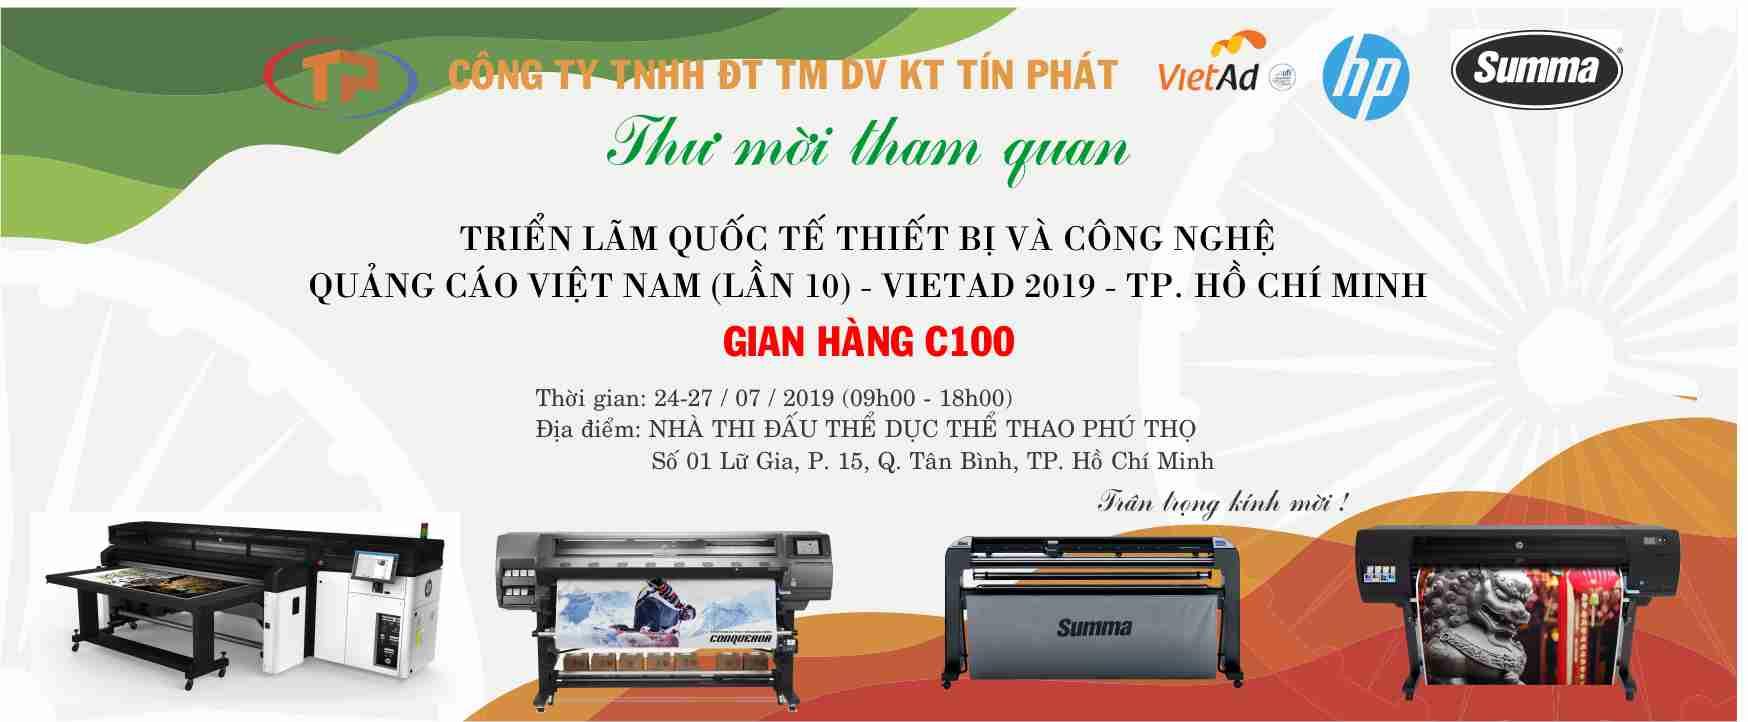 Gian hàng HP Latex triễn lãm VietAD 2019 HCM